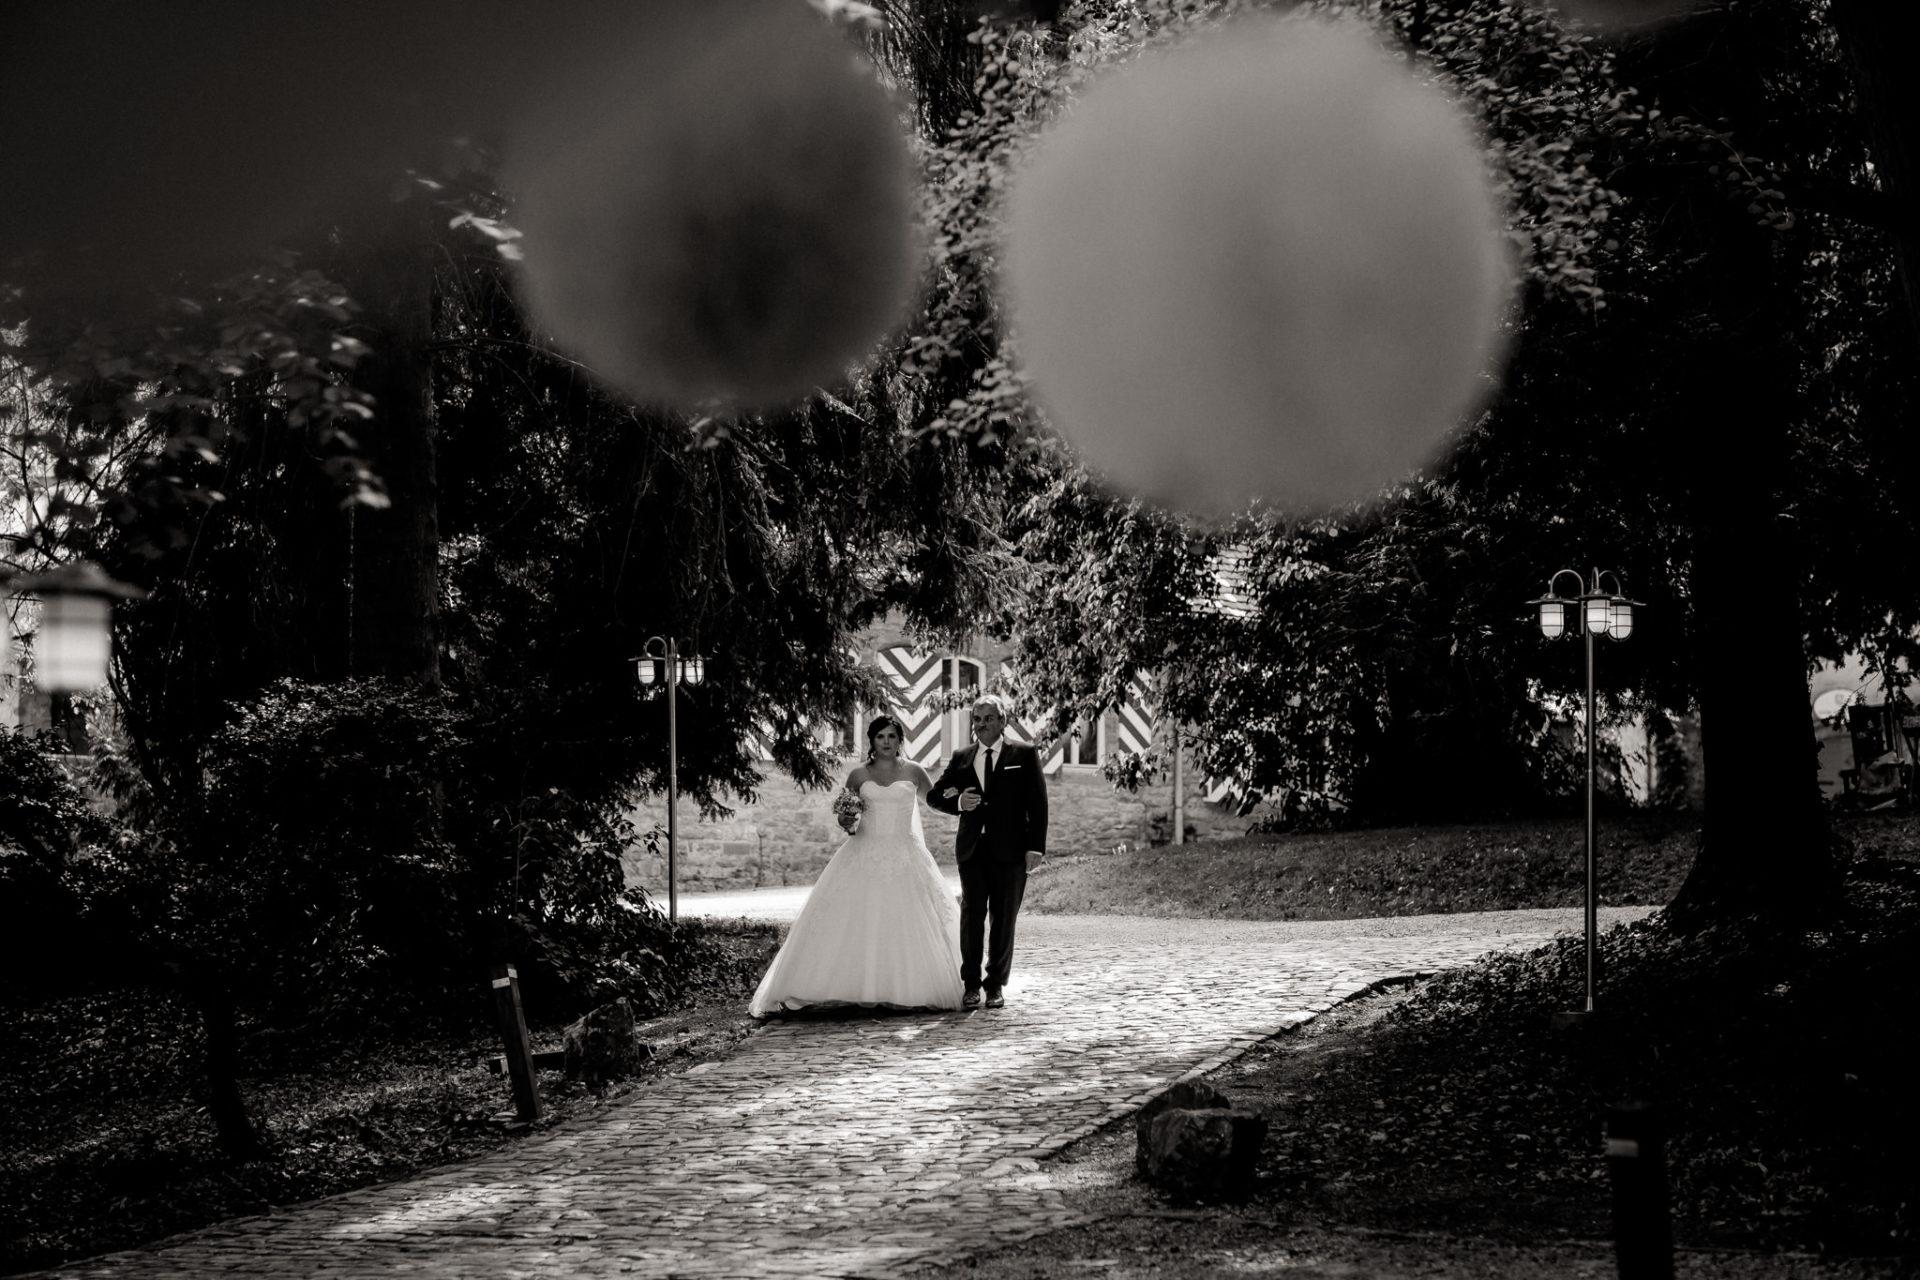 hochzeitsfotograf schloss heinsheim-elegant heiraten-Schafstall Heinsheim-Natürliche Portraits-Umgestellte Hochzeitsbilder-Freie Trauung-Vater führt Braut